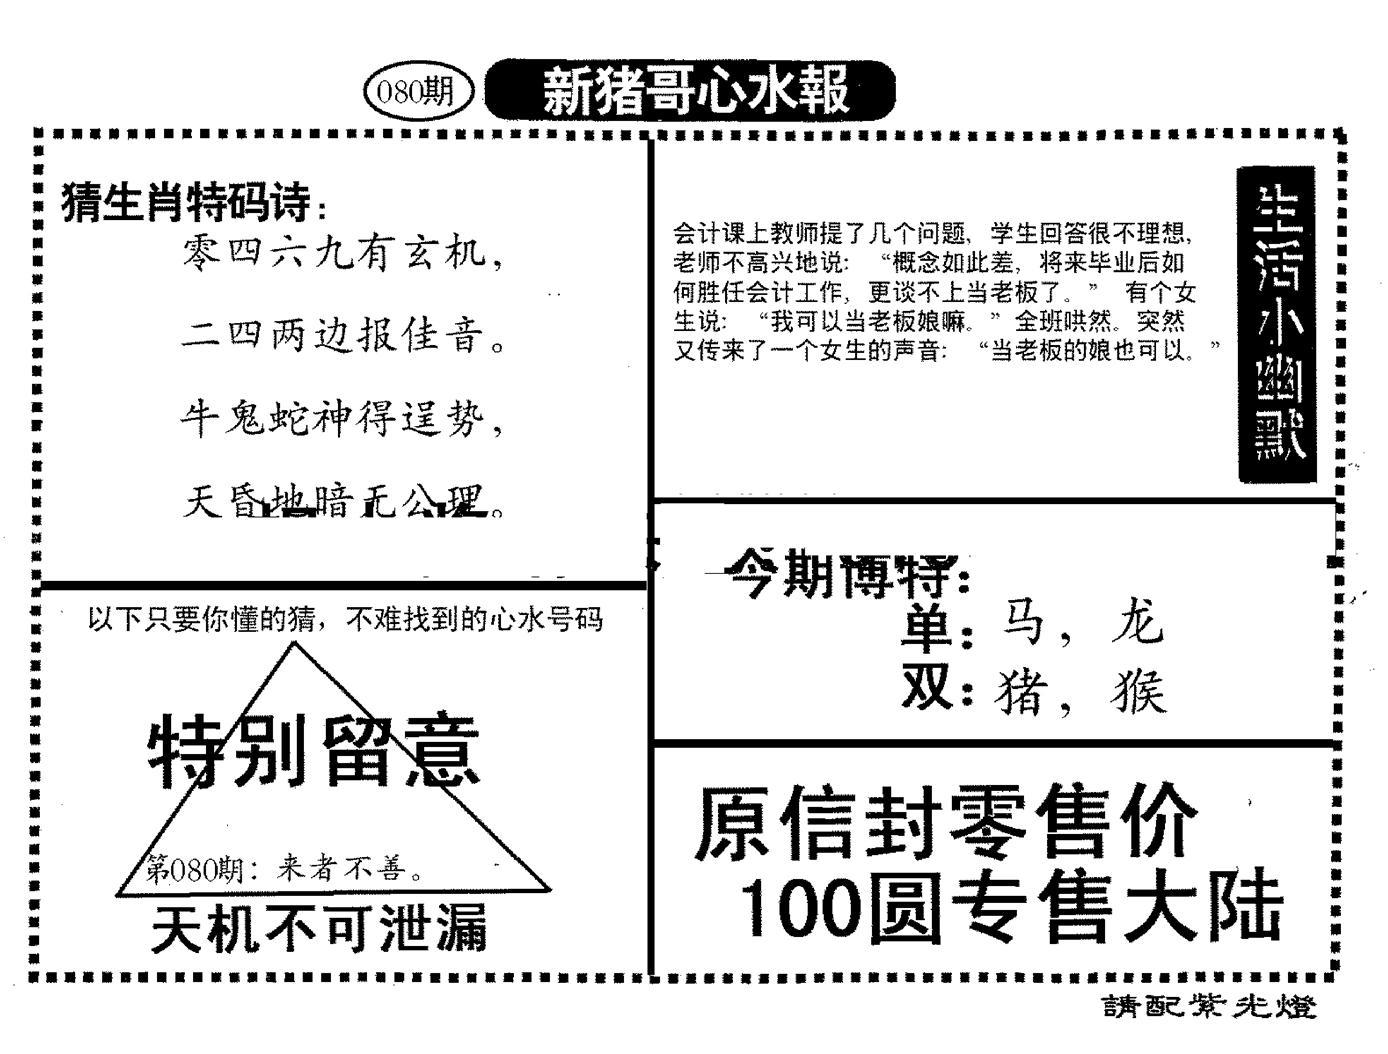 080期新猪哥心水(黑白)